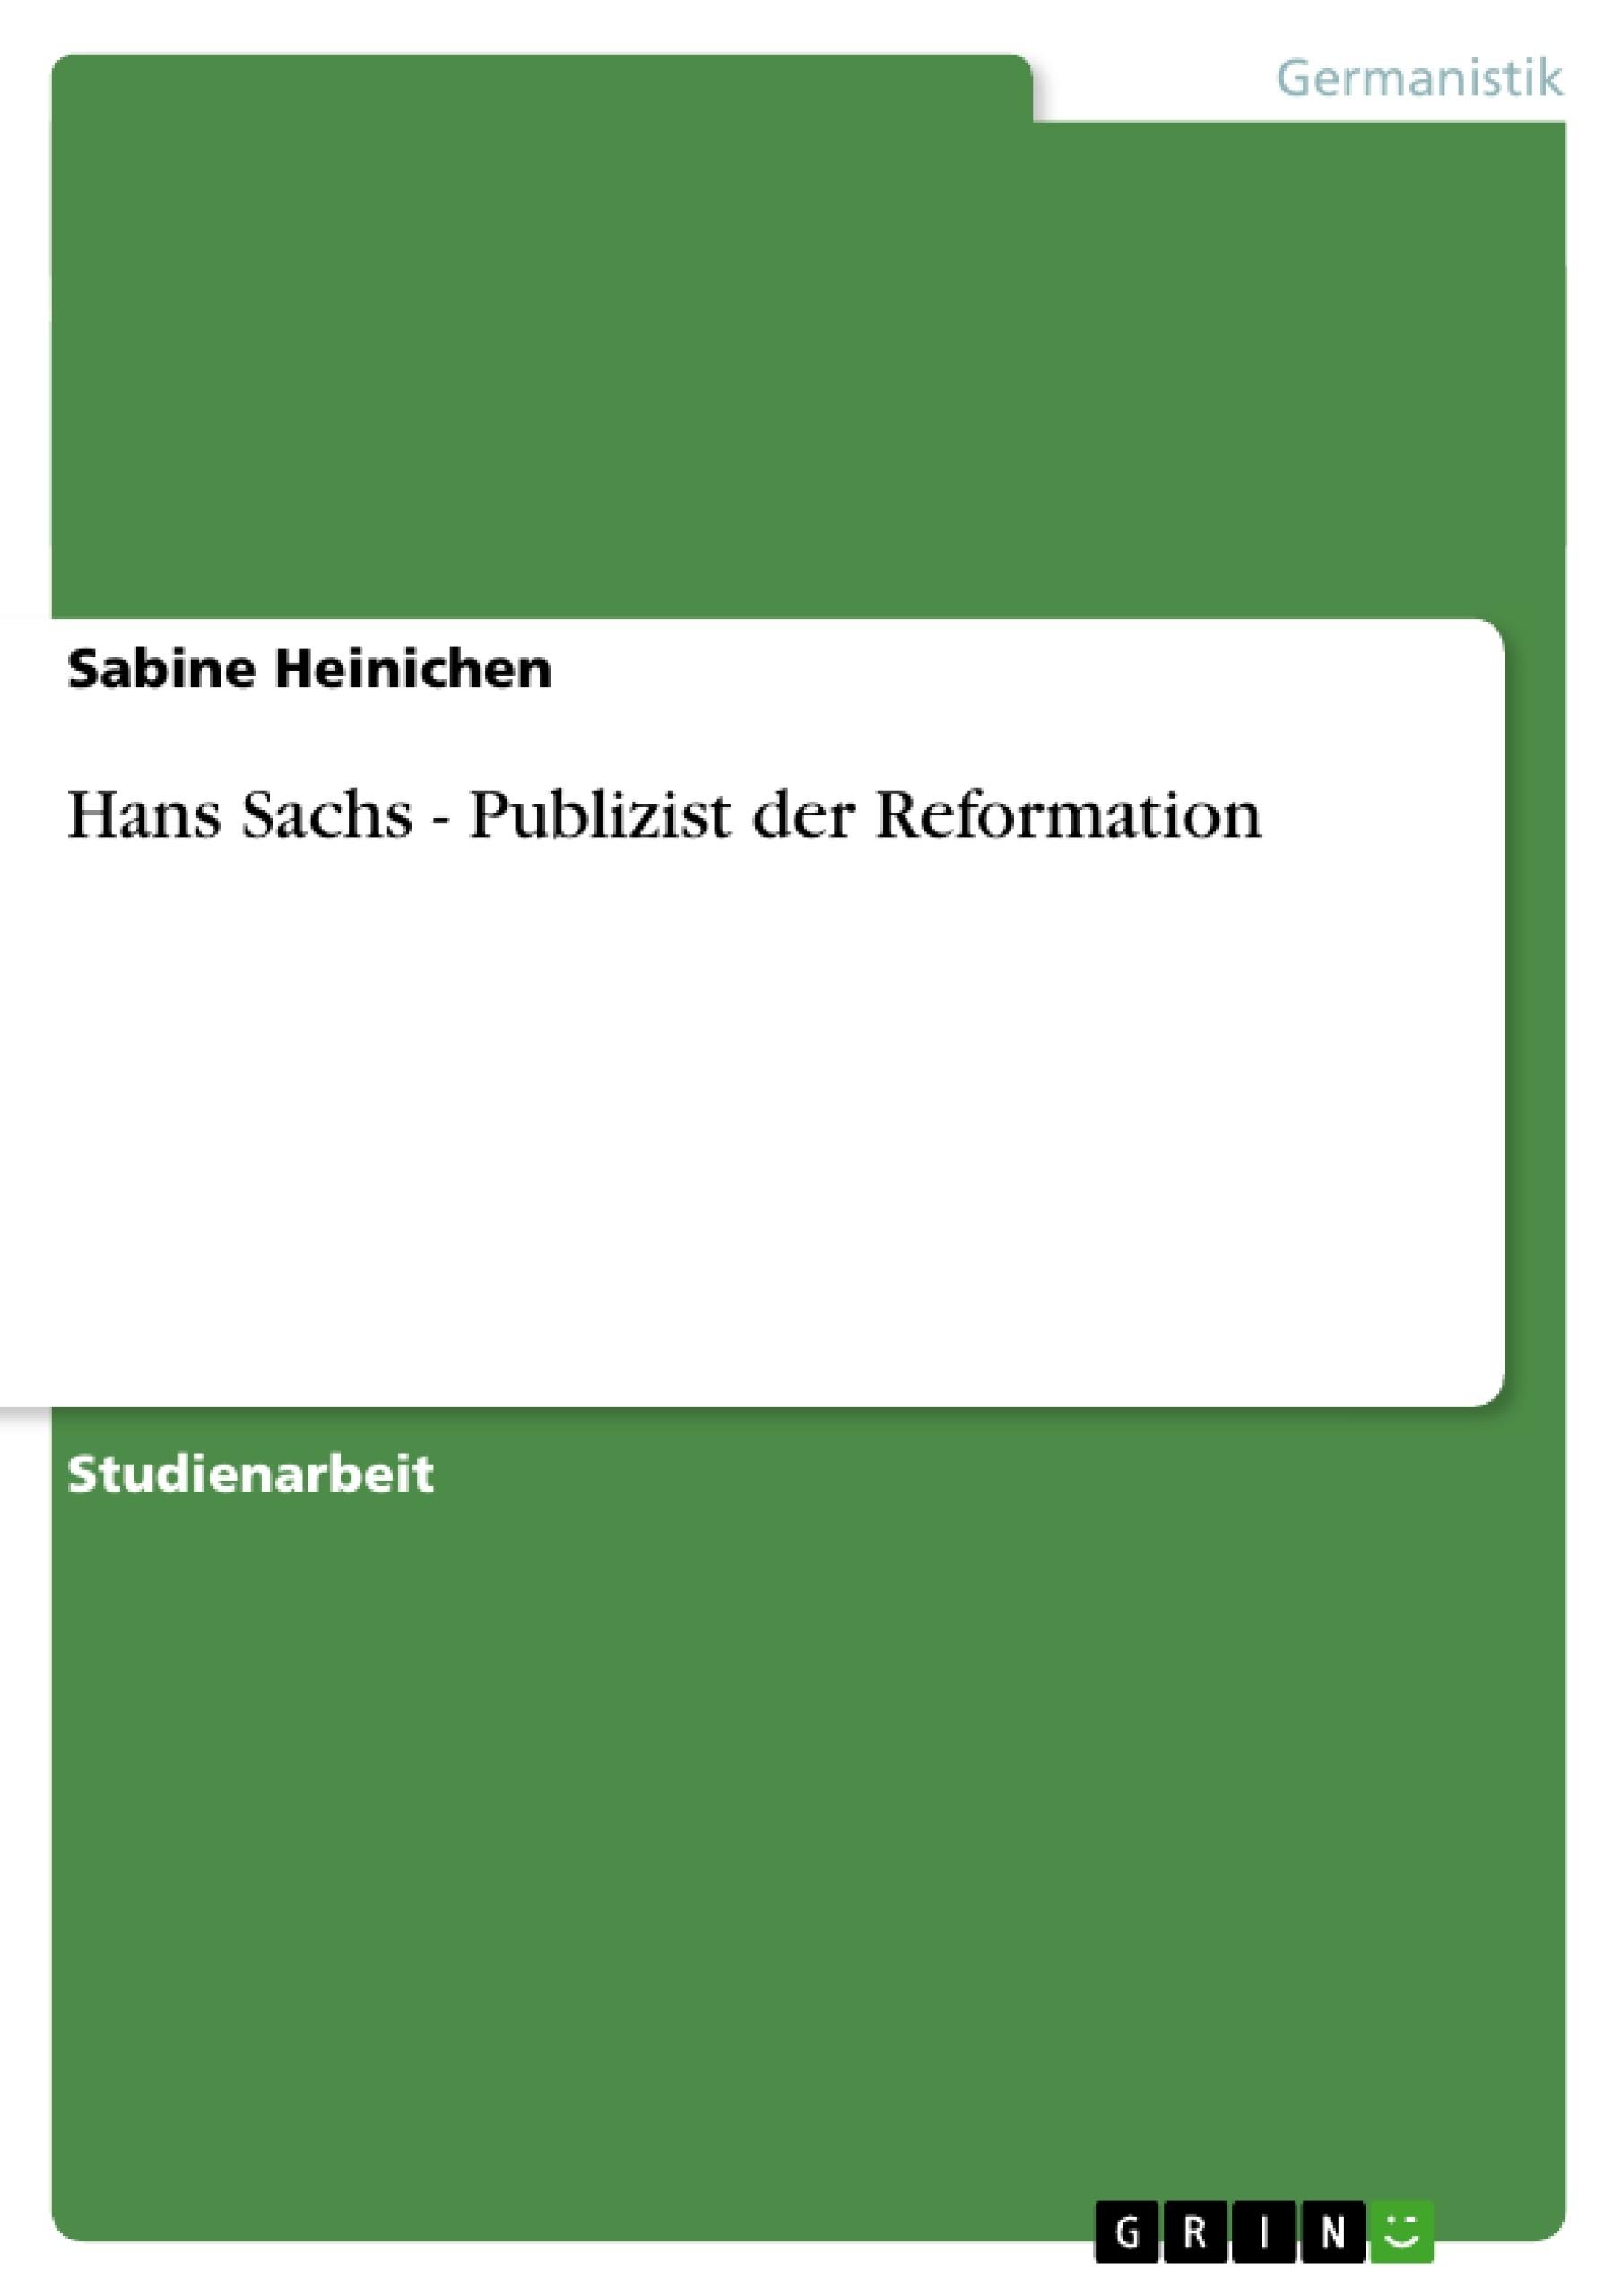 Titel: Hans Sachs - Publizist der Reformation